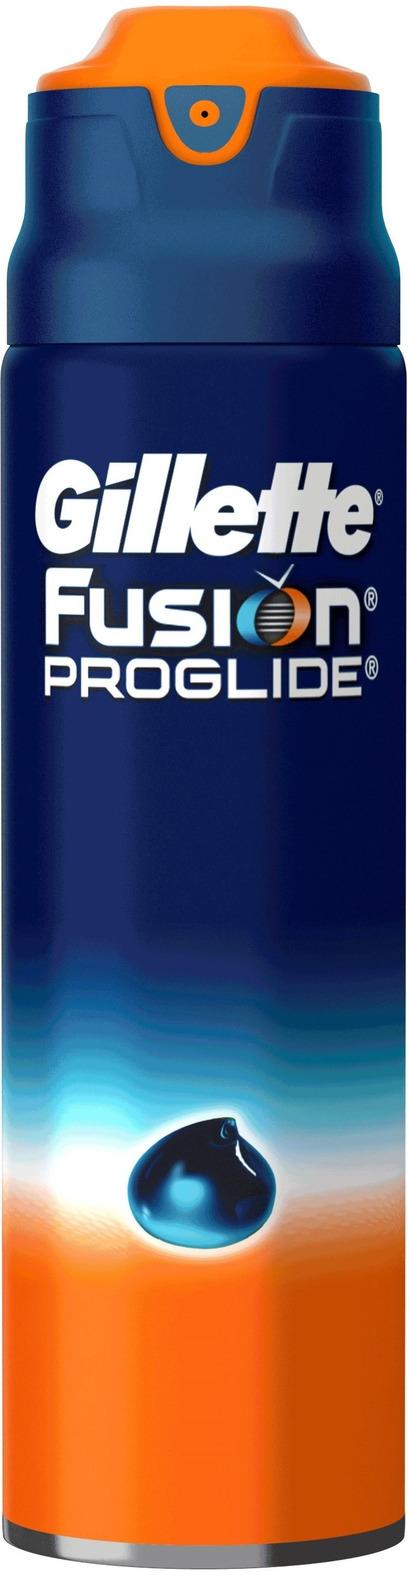 Gillette Fusion гель для бритья Для чувствительной кожи, 170мл